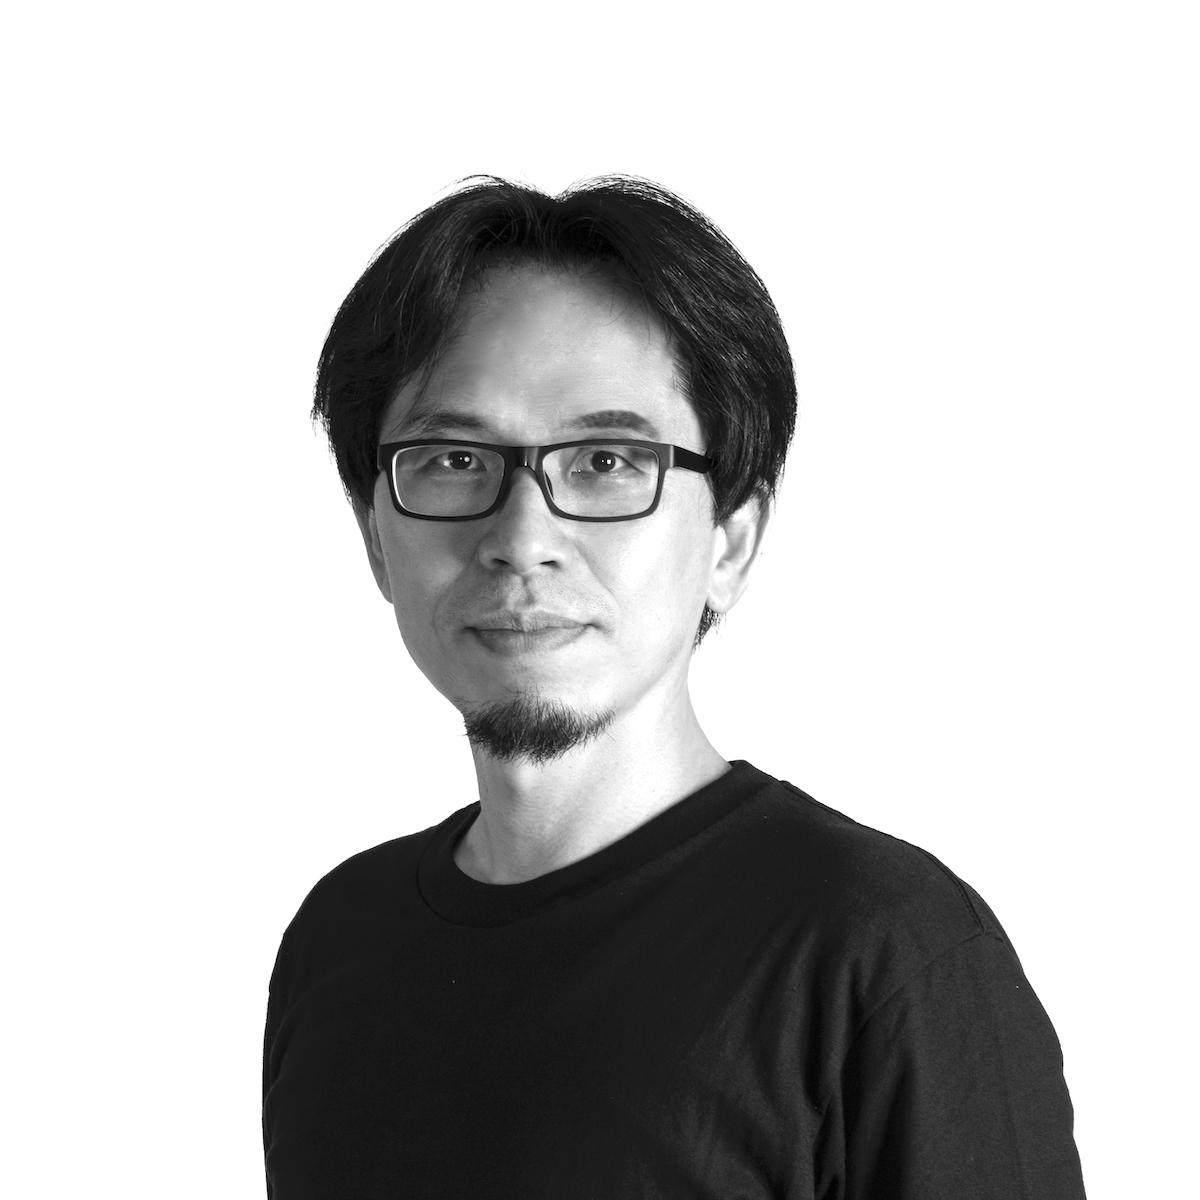 Chun-Cheng Hsu